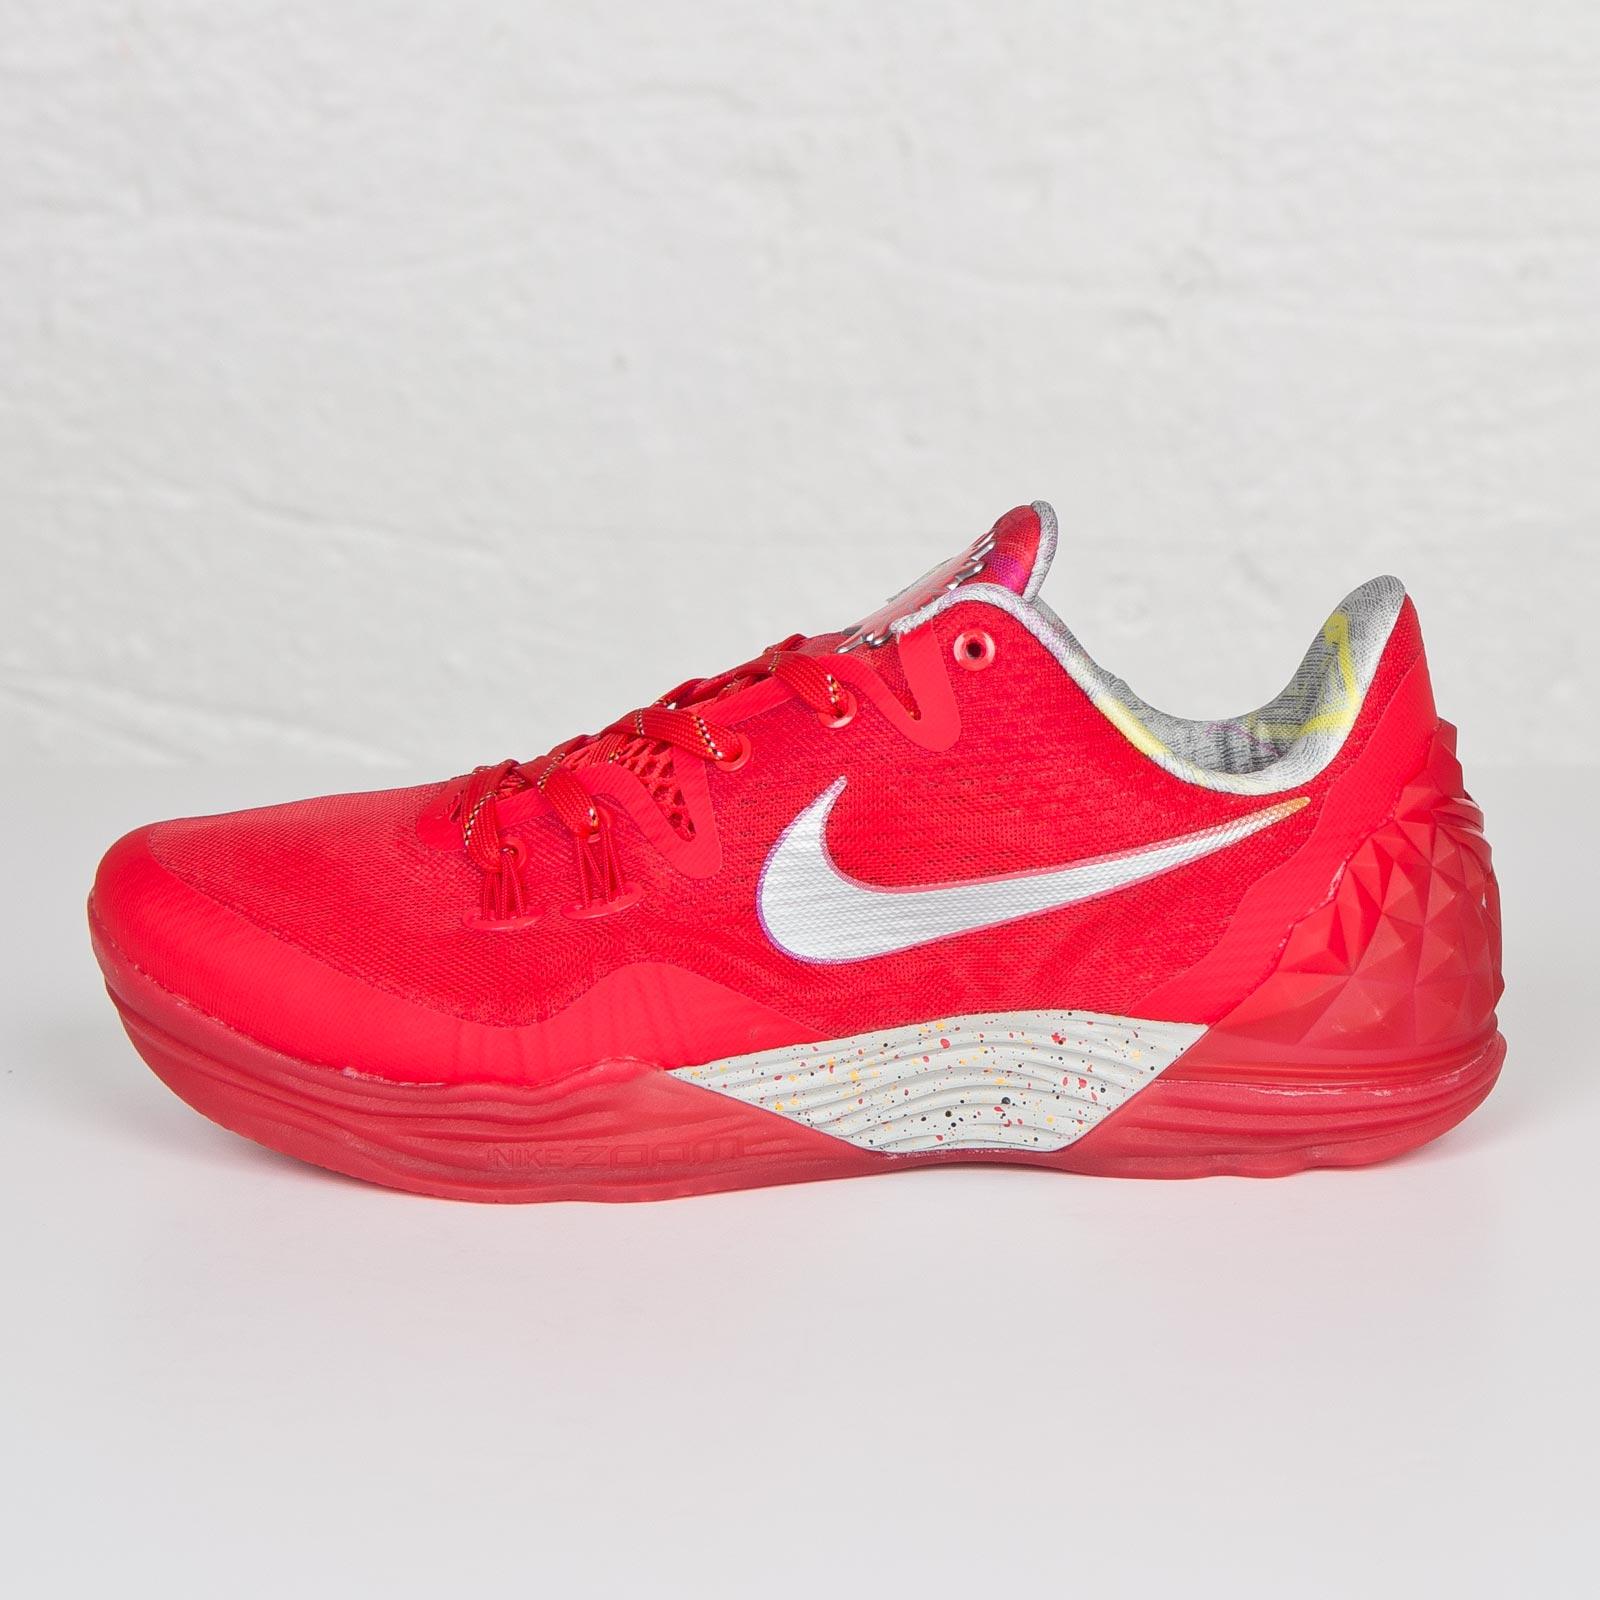 f40fbf9f4819 Nike Zoom Kobe 5 (V) Venomenon Color  Light Crimson Multi-Color Style   812555-690. Price   130.00